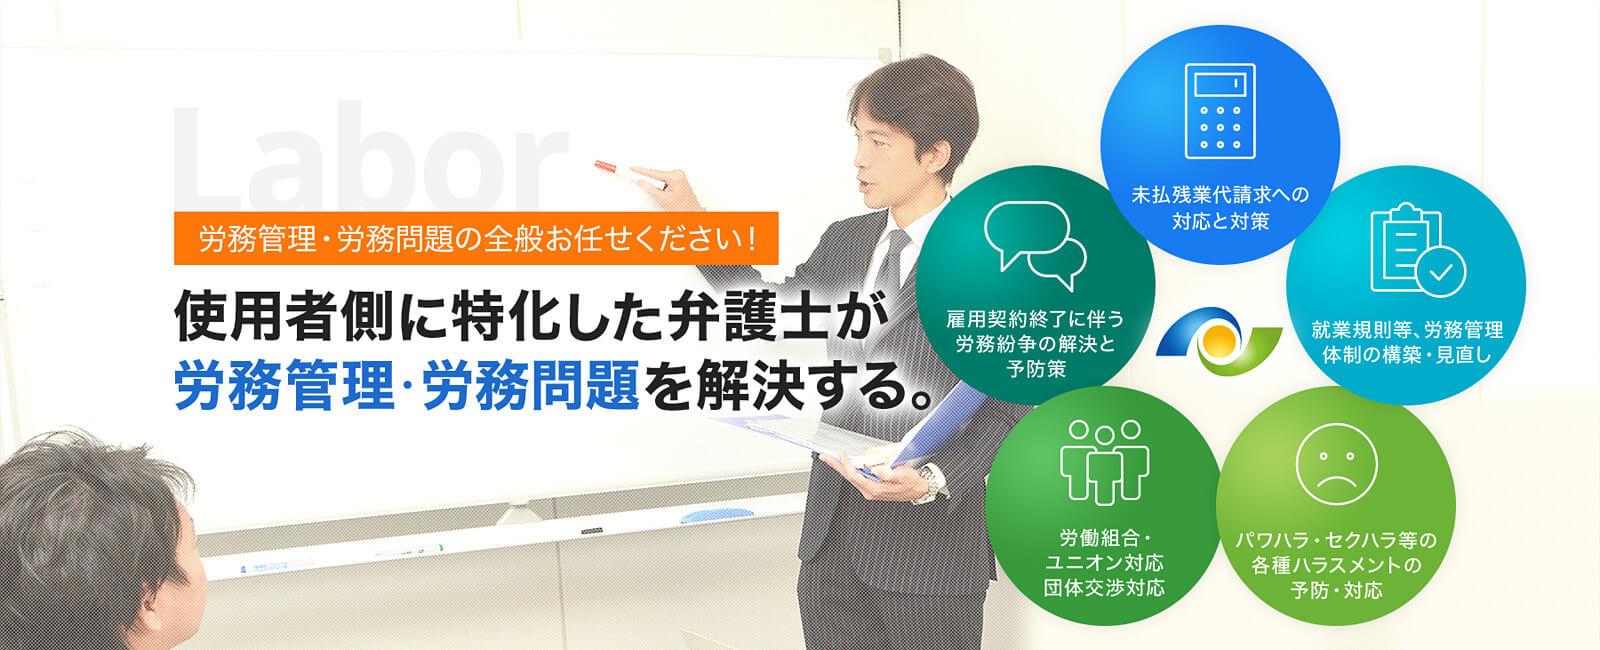 使用者側に特化した弁護士が、労務管理・労務問題を解決する。